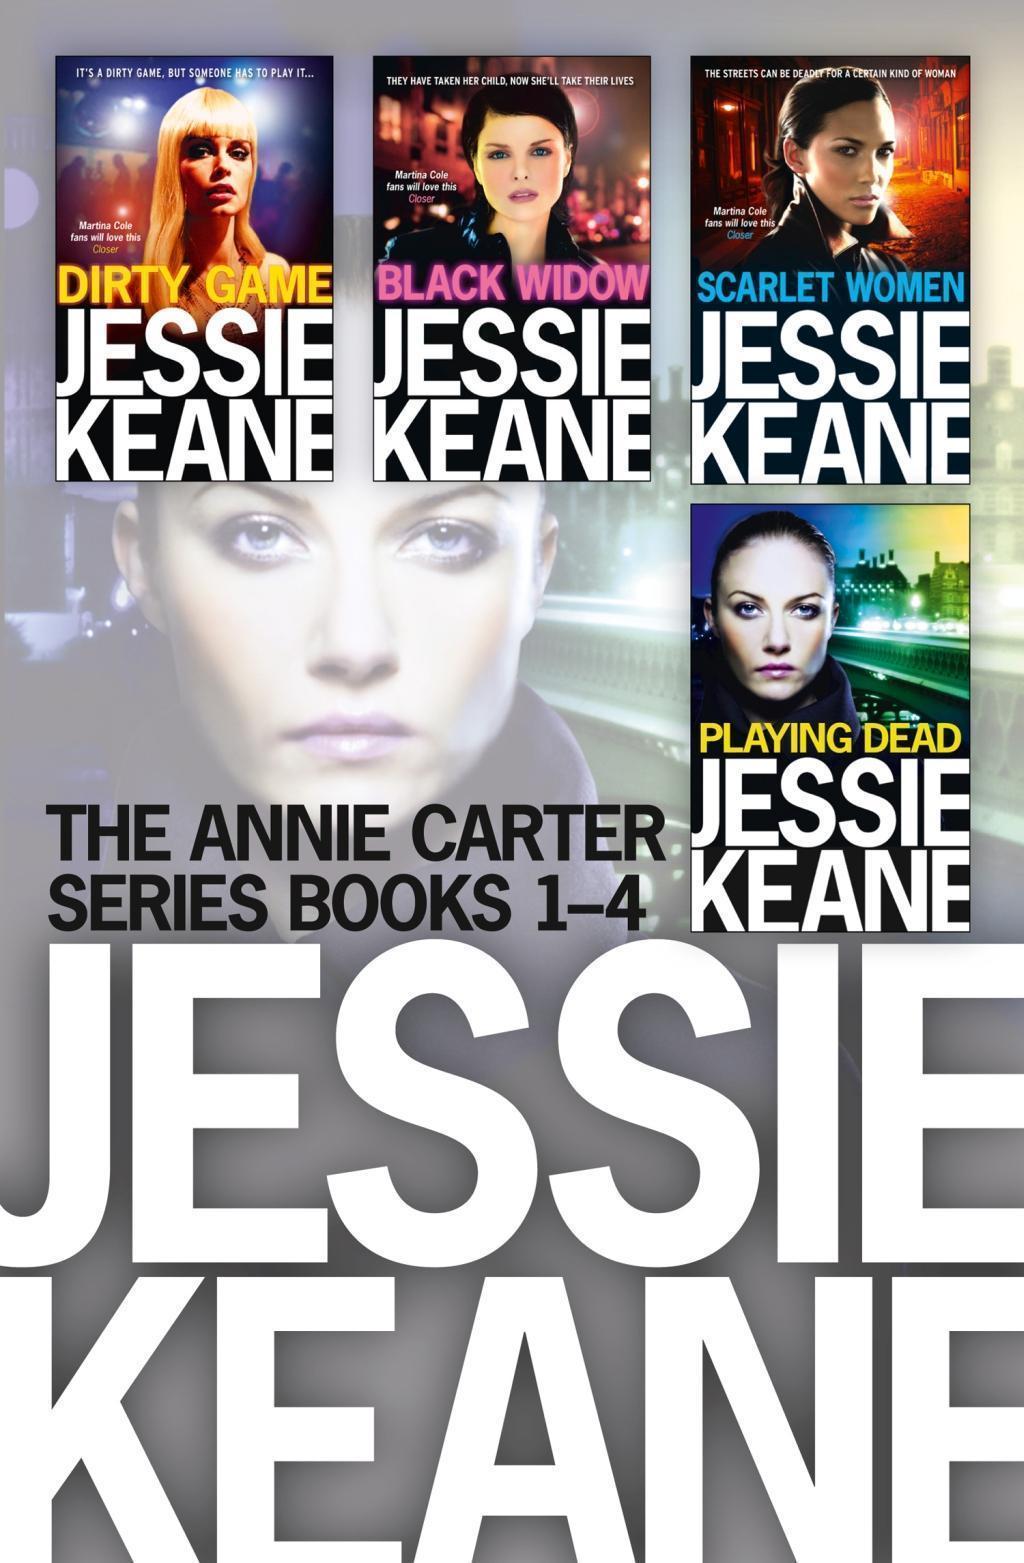 The Annie Carter Series Books 1-4